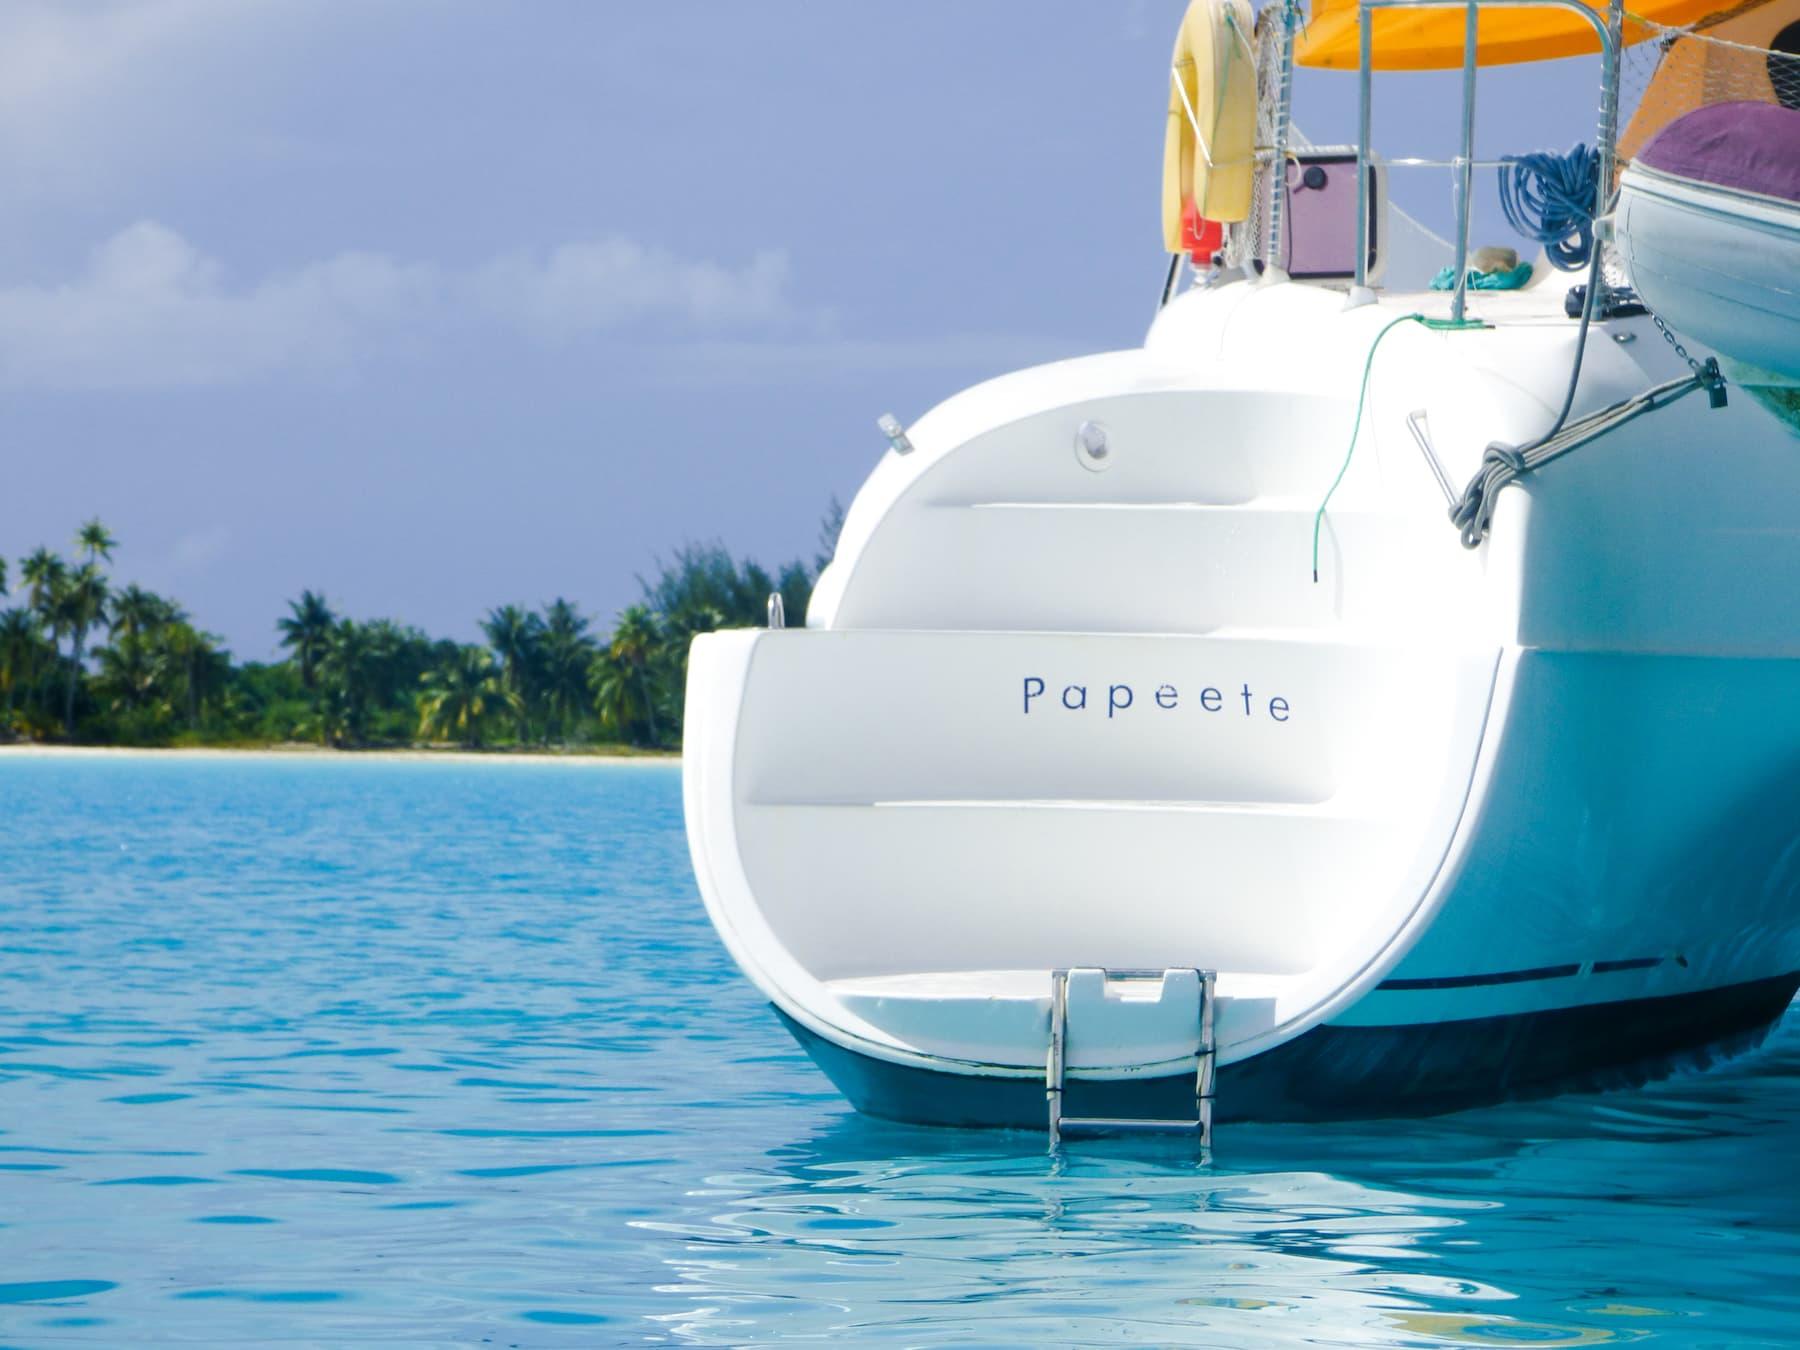 https://tahititourisme.de/wp-content/uploads/2017/08/bateau-tlc-modif-12.jpg